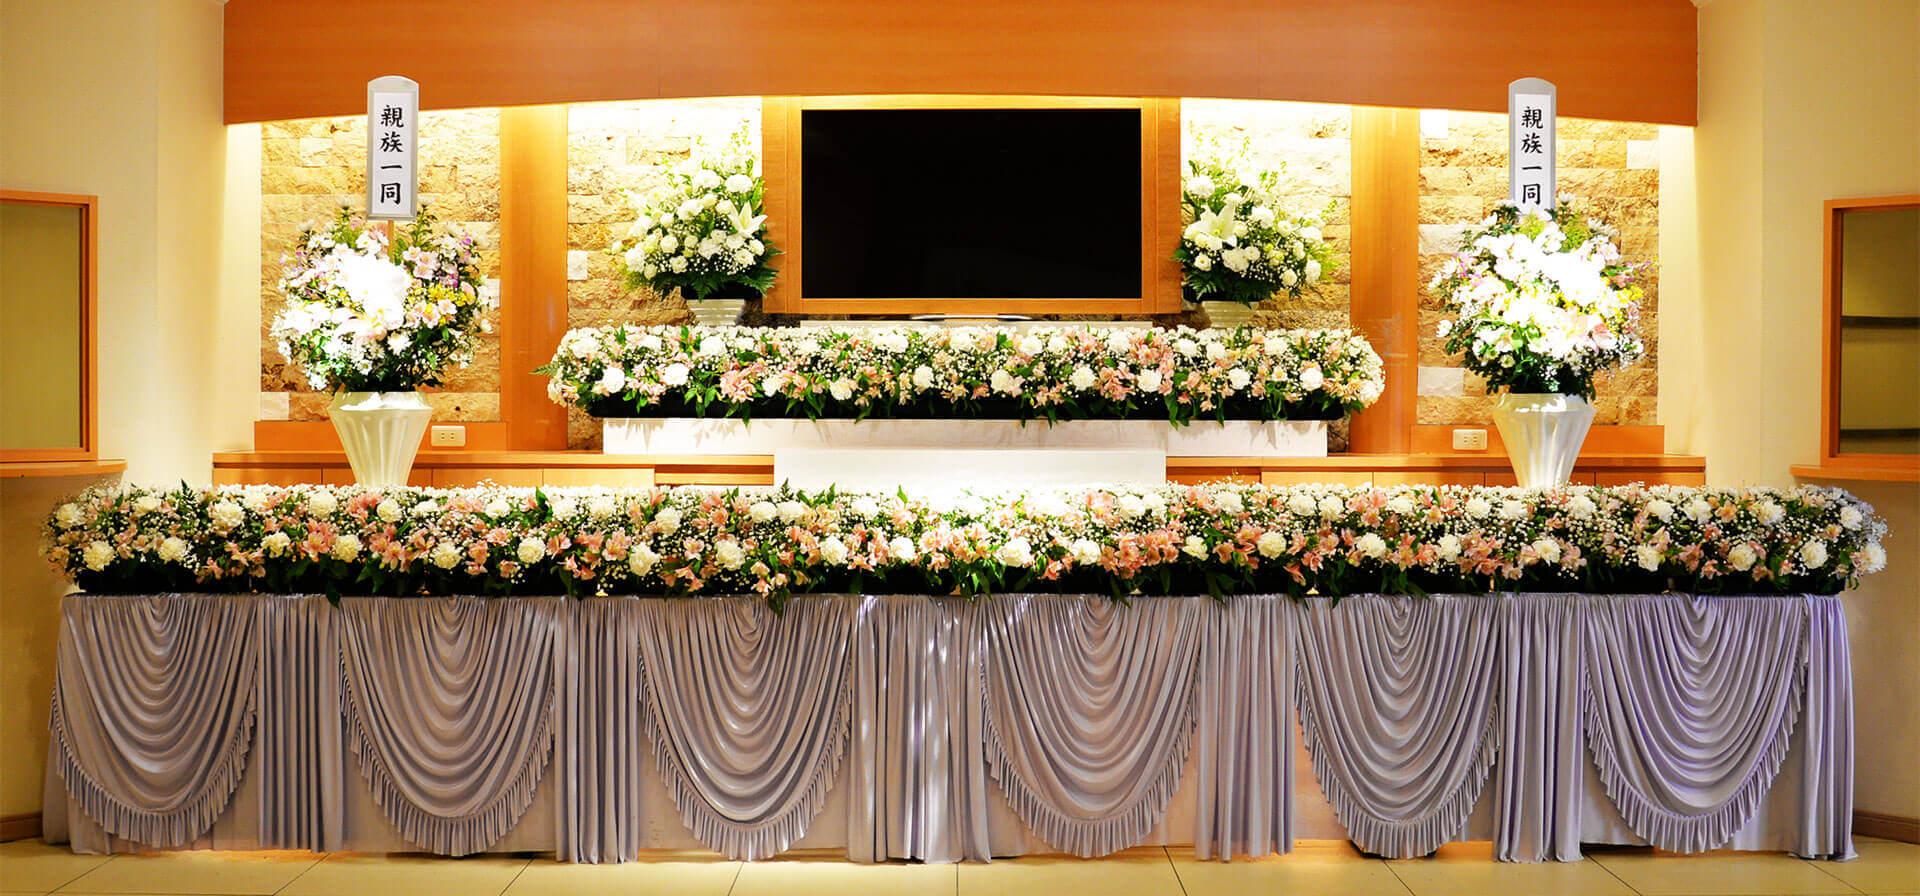 洛王セレモニー家族葬の花祭壇